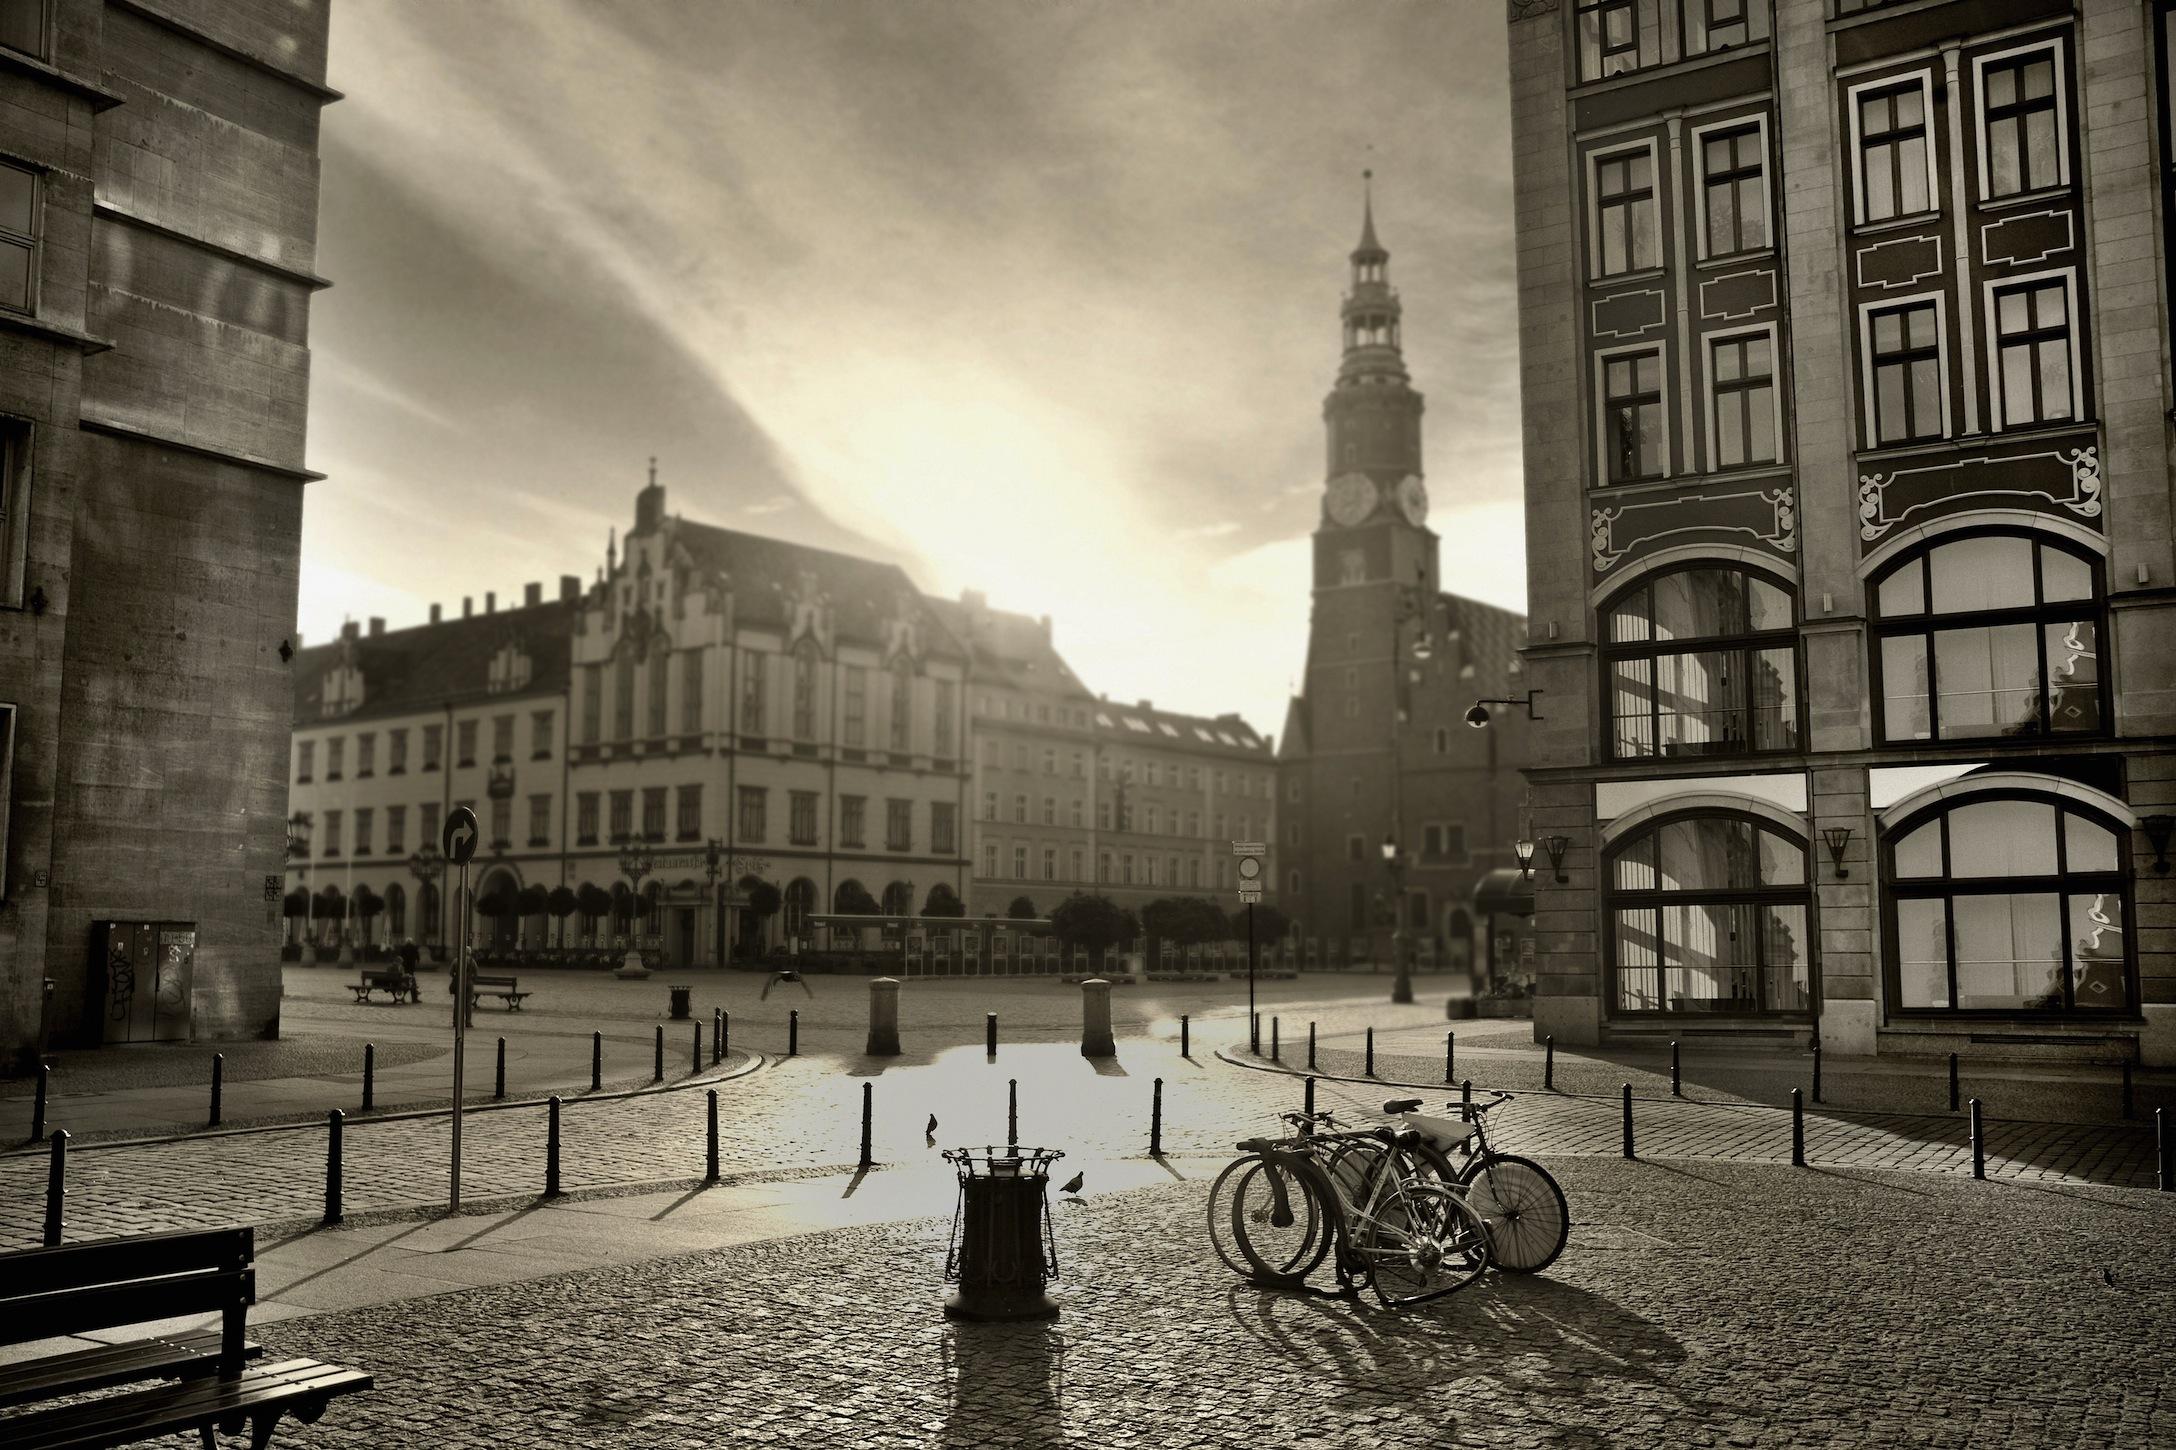 Coucher de soleil en noir et blanc papiers peints photo